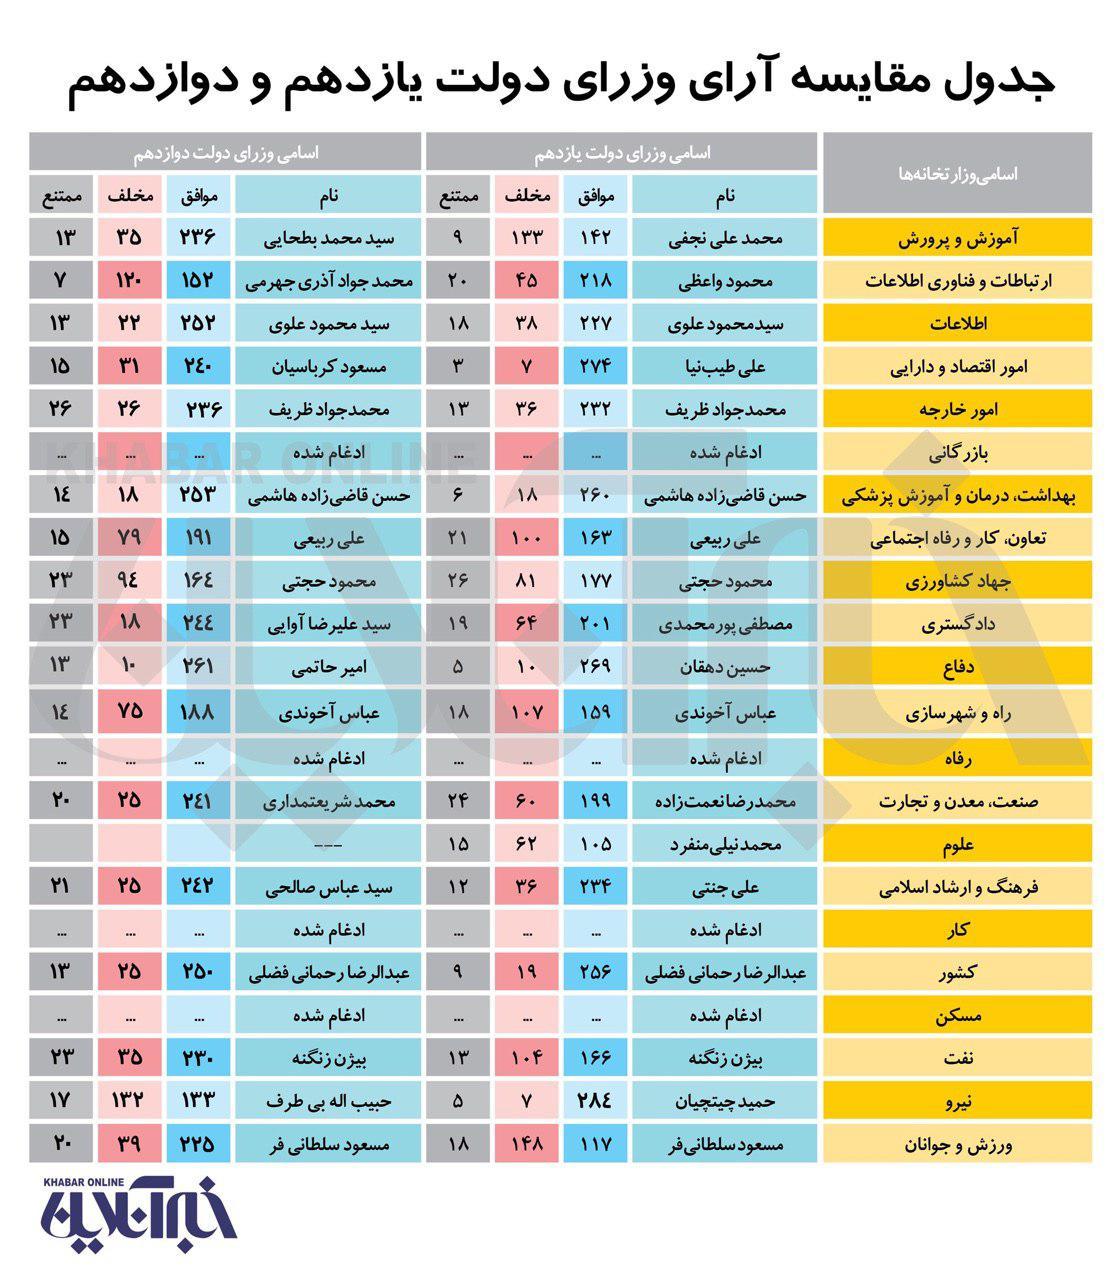 دو نما از حسن روحانی: مقایسه آرای وزرای دو کابینه حسن روحانی - تابناک